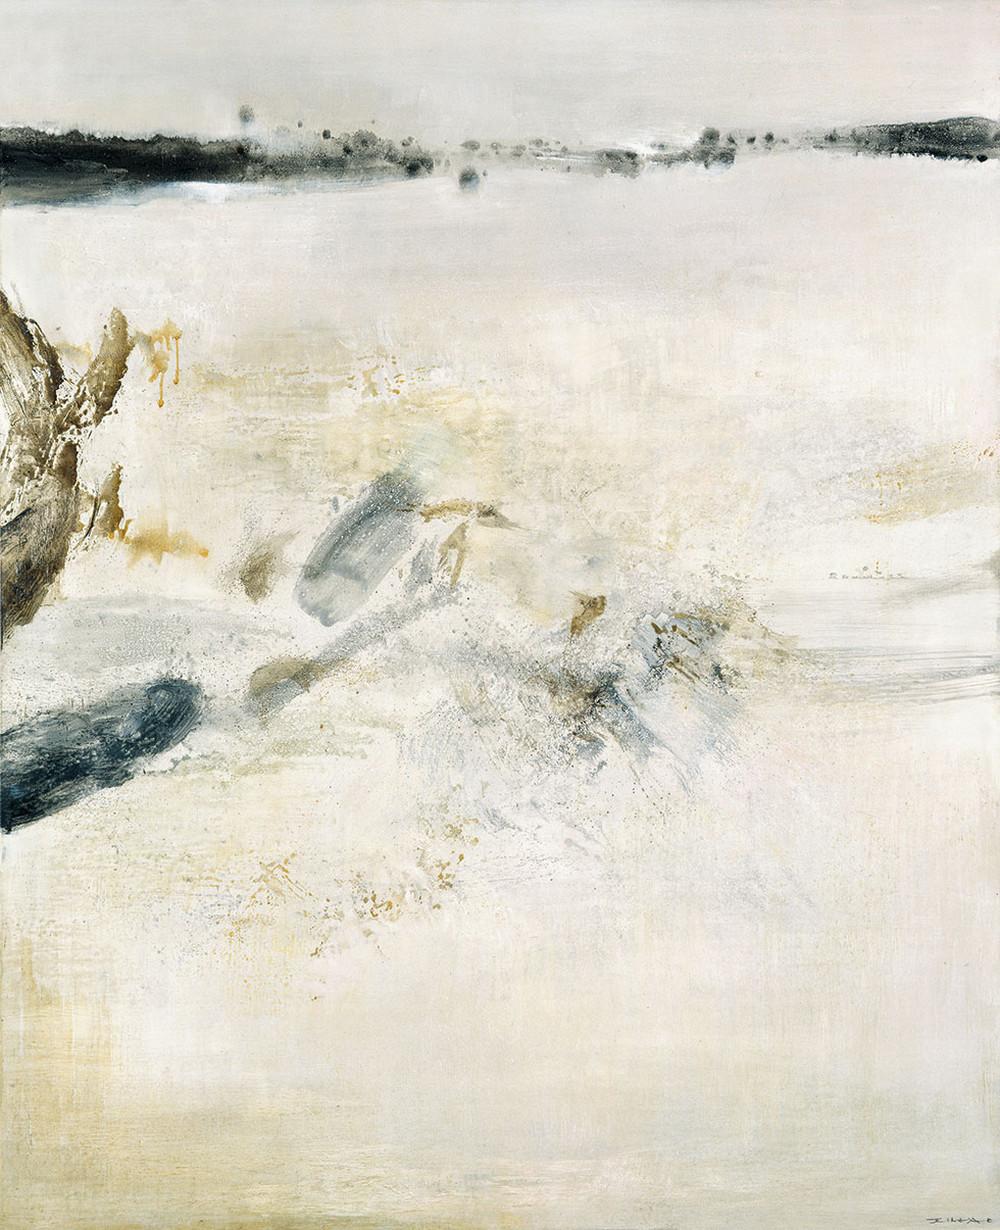 Картины Чжао Уцзи художник Zao Wou-Ki 48